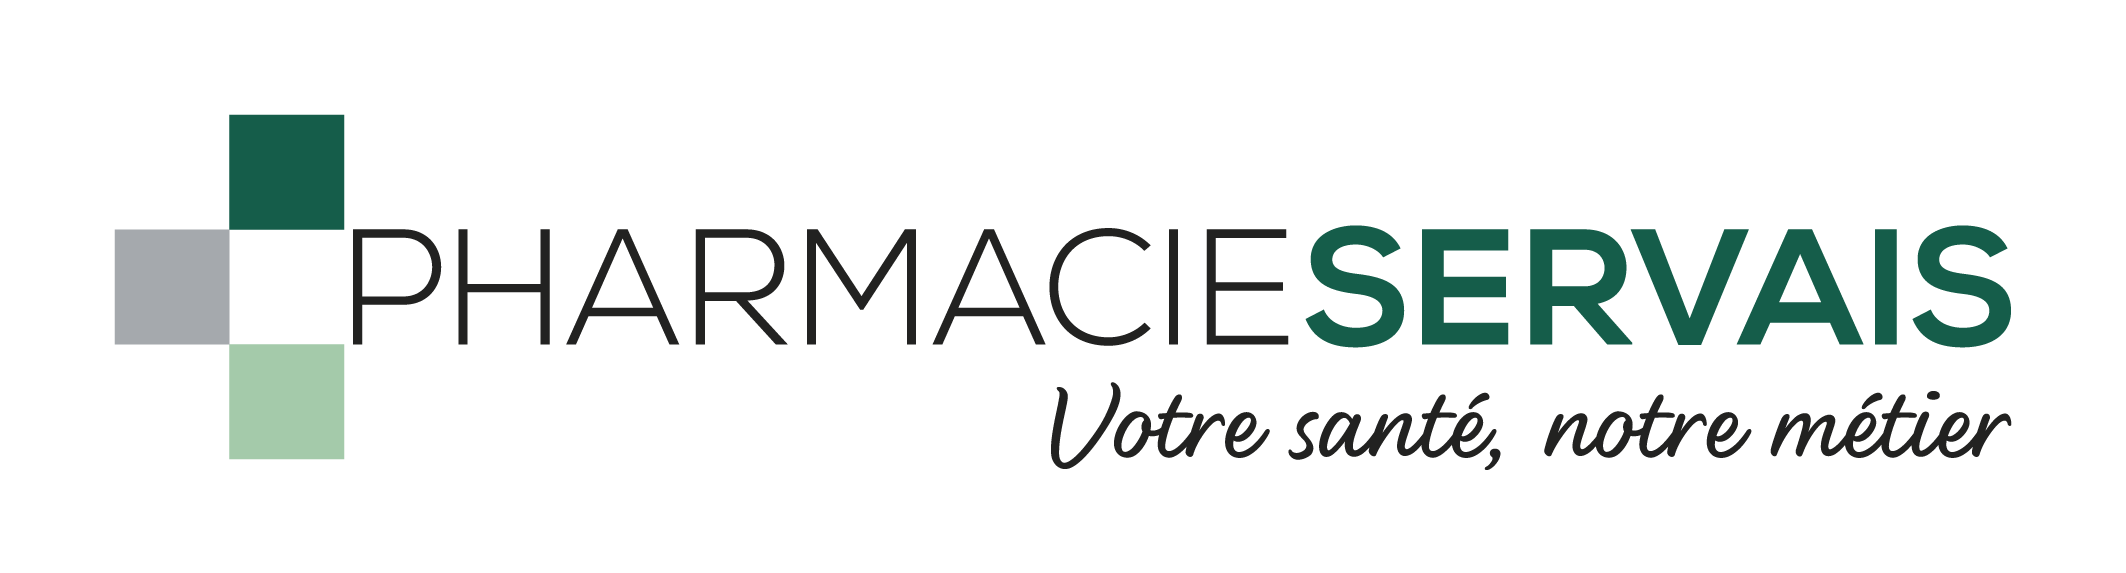 PharmacieServais_Horiz_Baseline_RVB